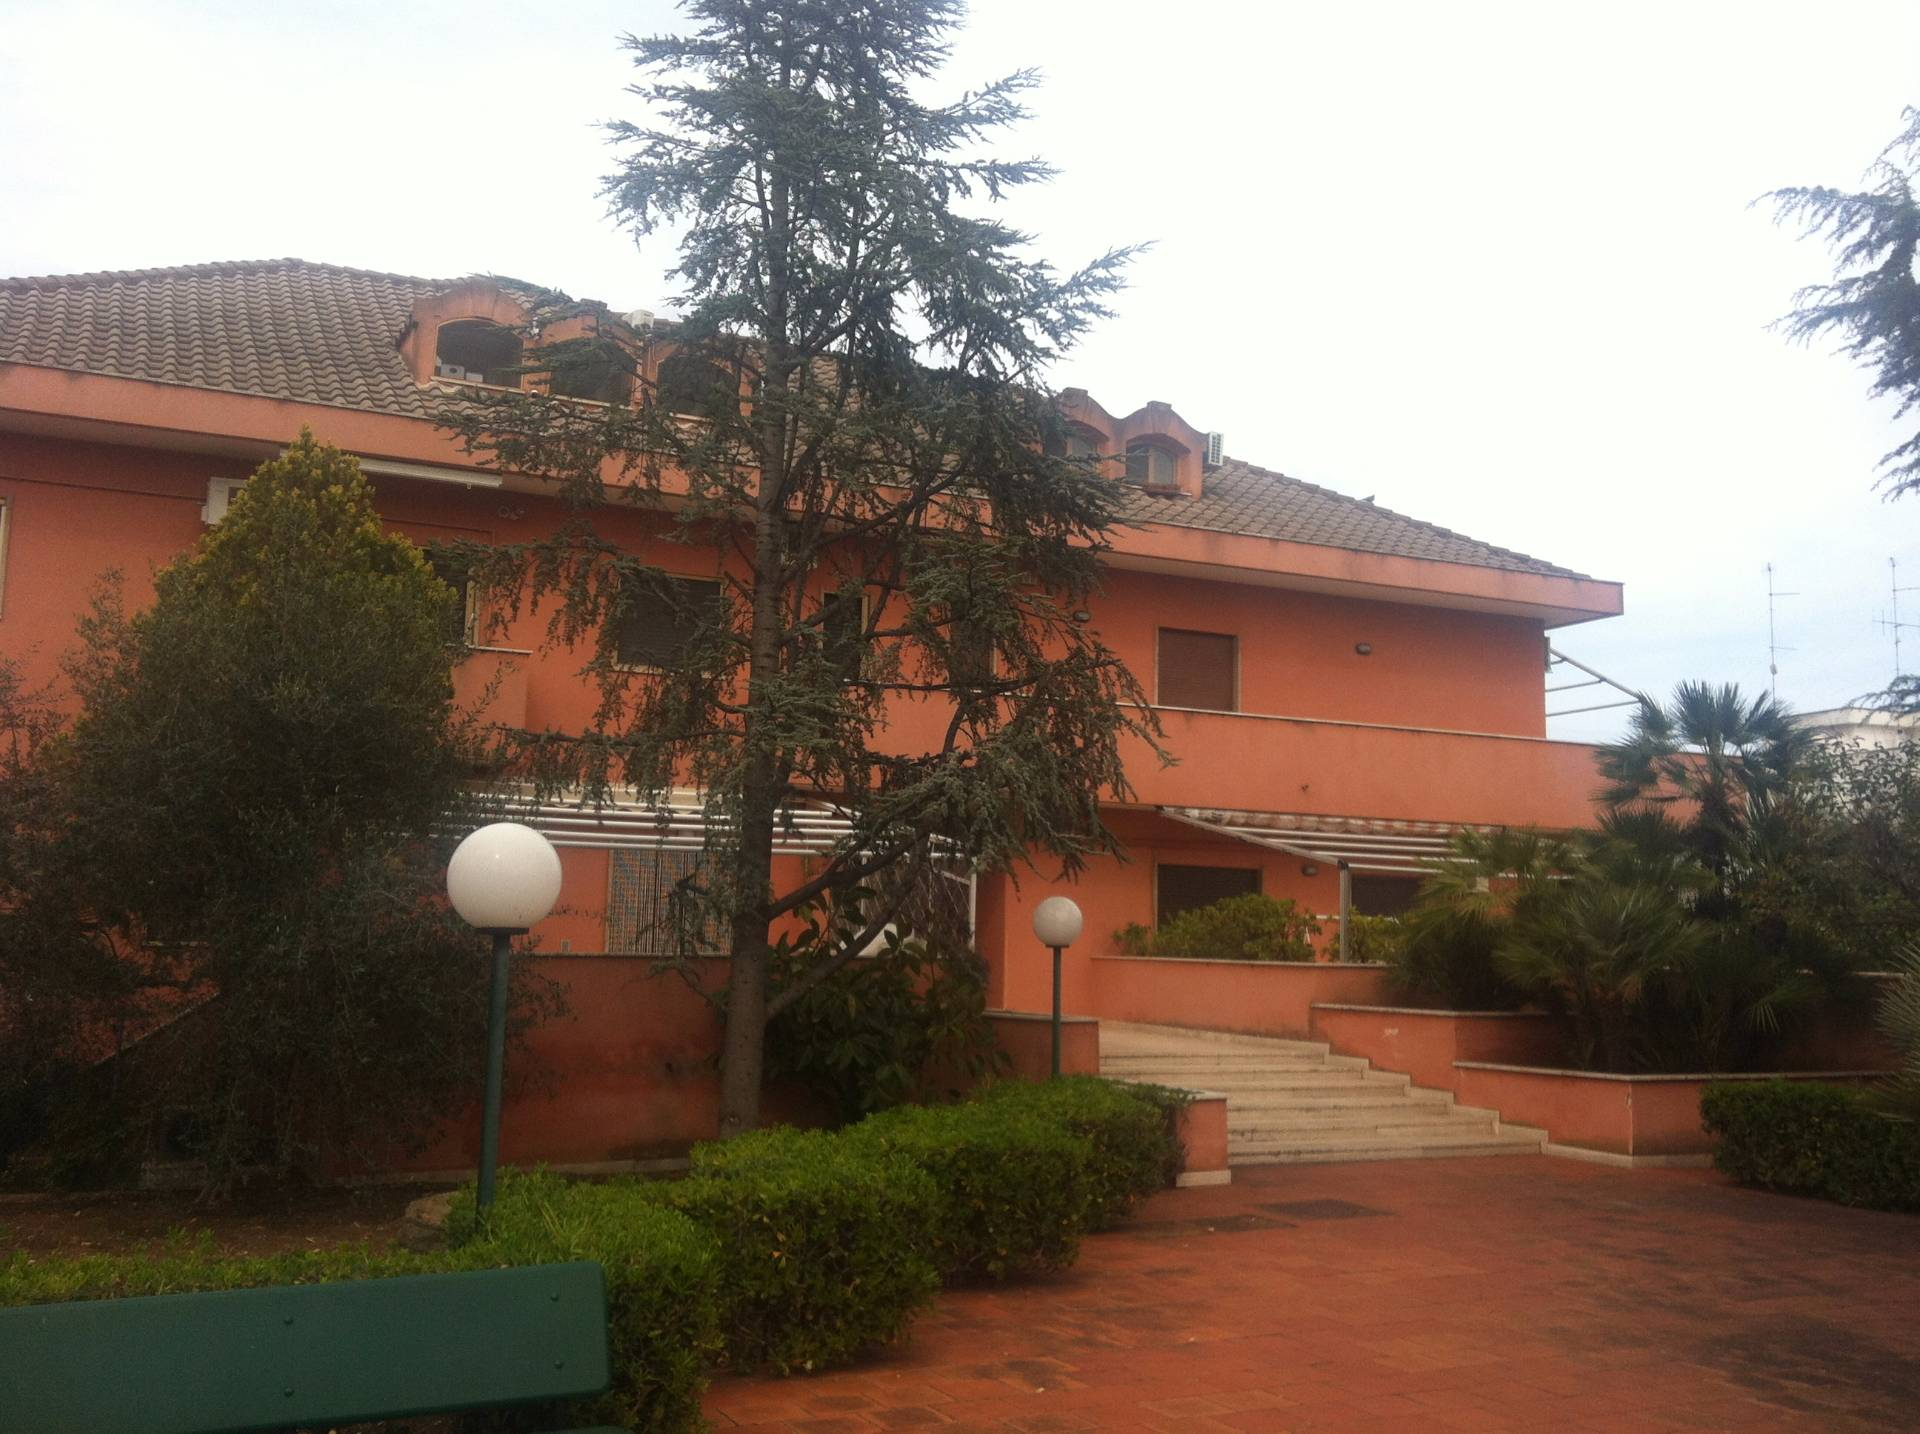 Appartamento in vendita a Bari, 3 locali, zona Zona: Palese, Trattative riservate | CambioCasa.it